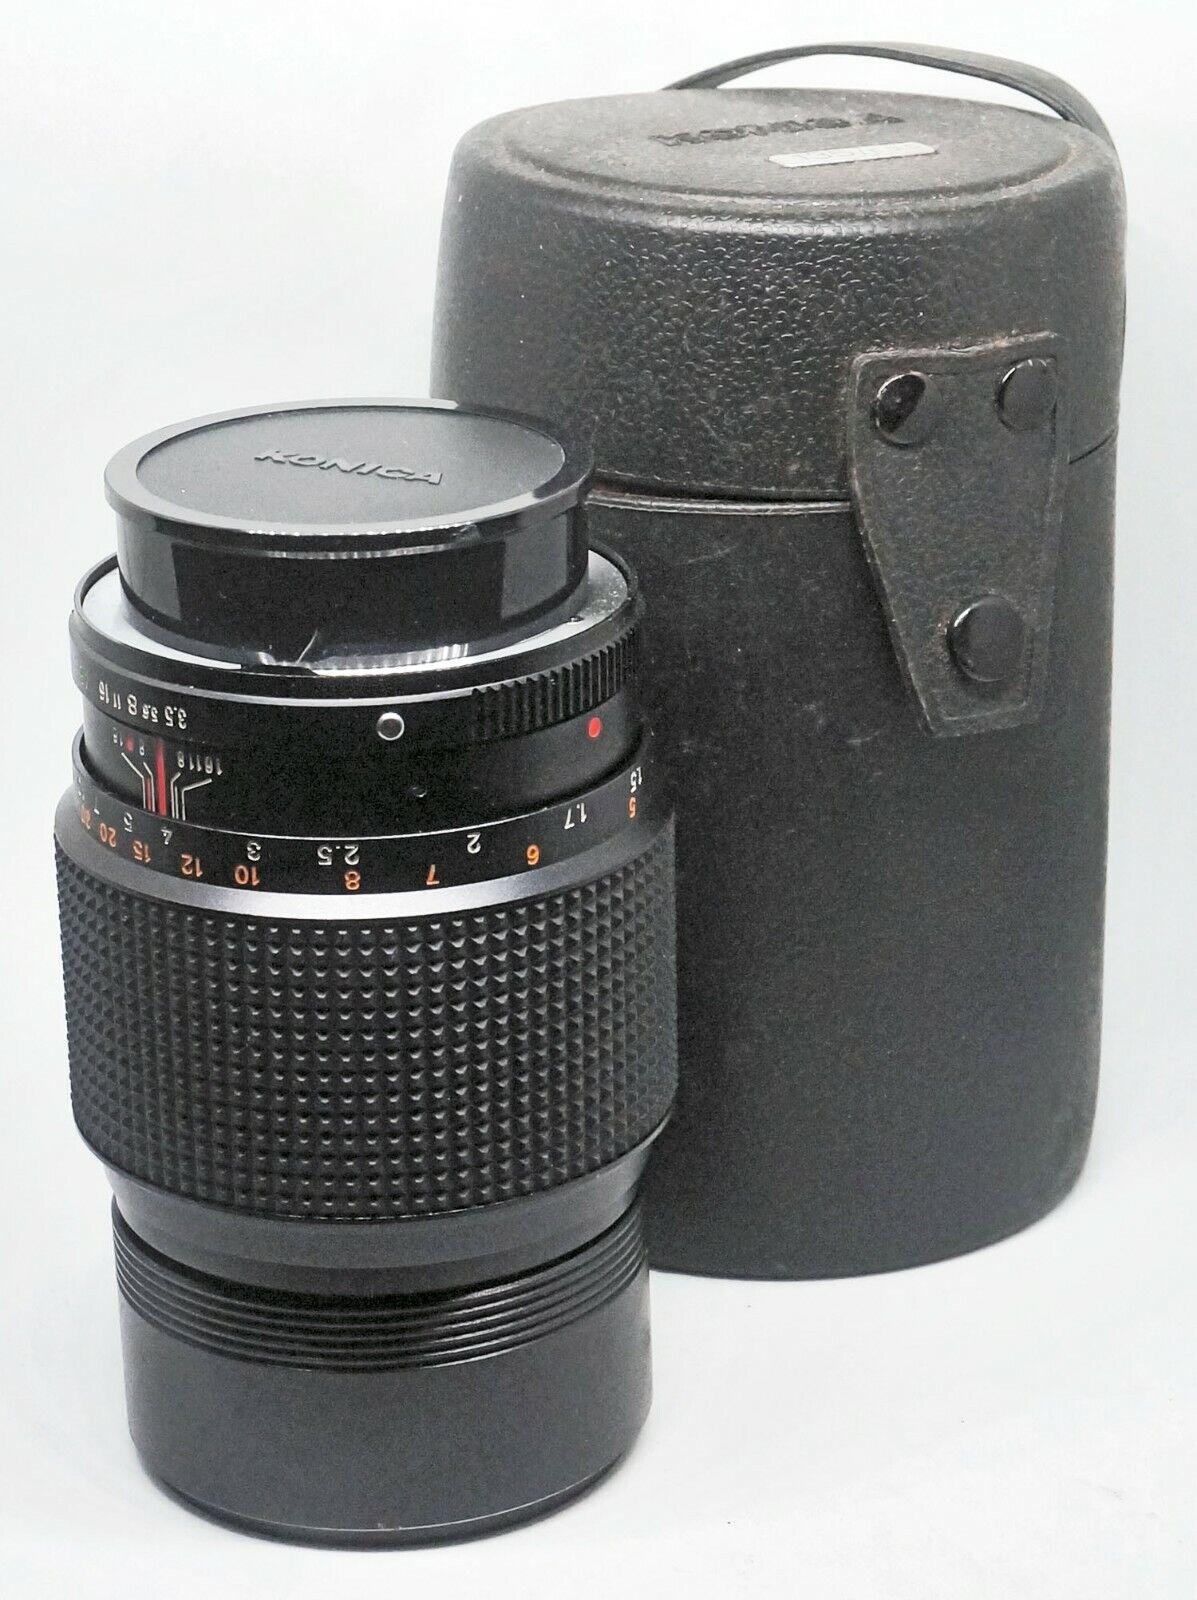 LENS For 35mm SLR Minolta MD Mount KONIKA HEXAR 3.5/135 VG PHL0020  - $30.00